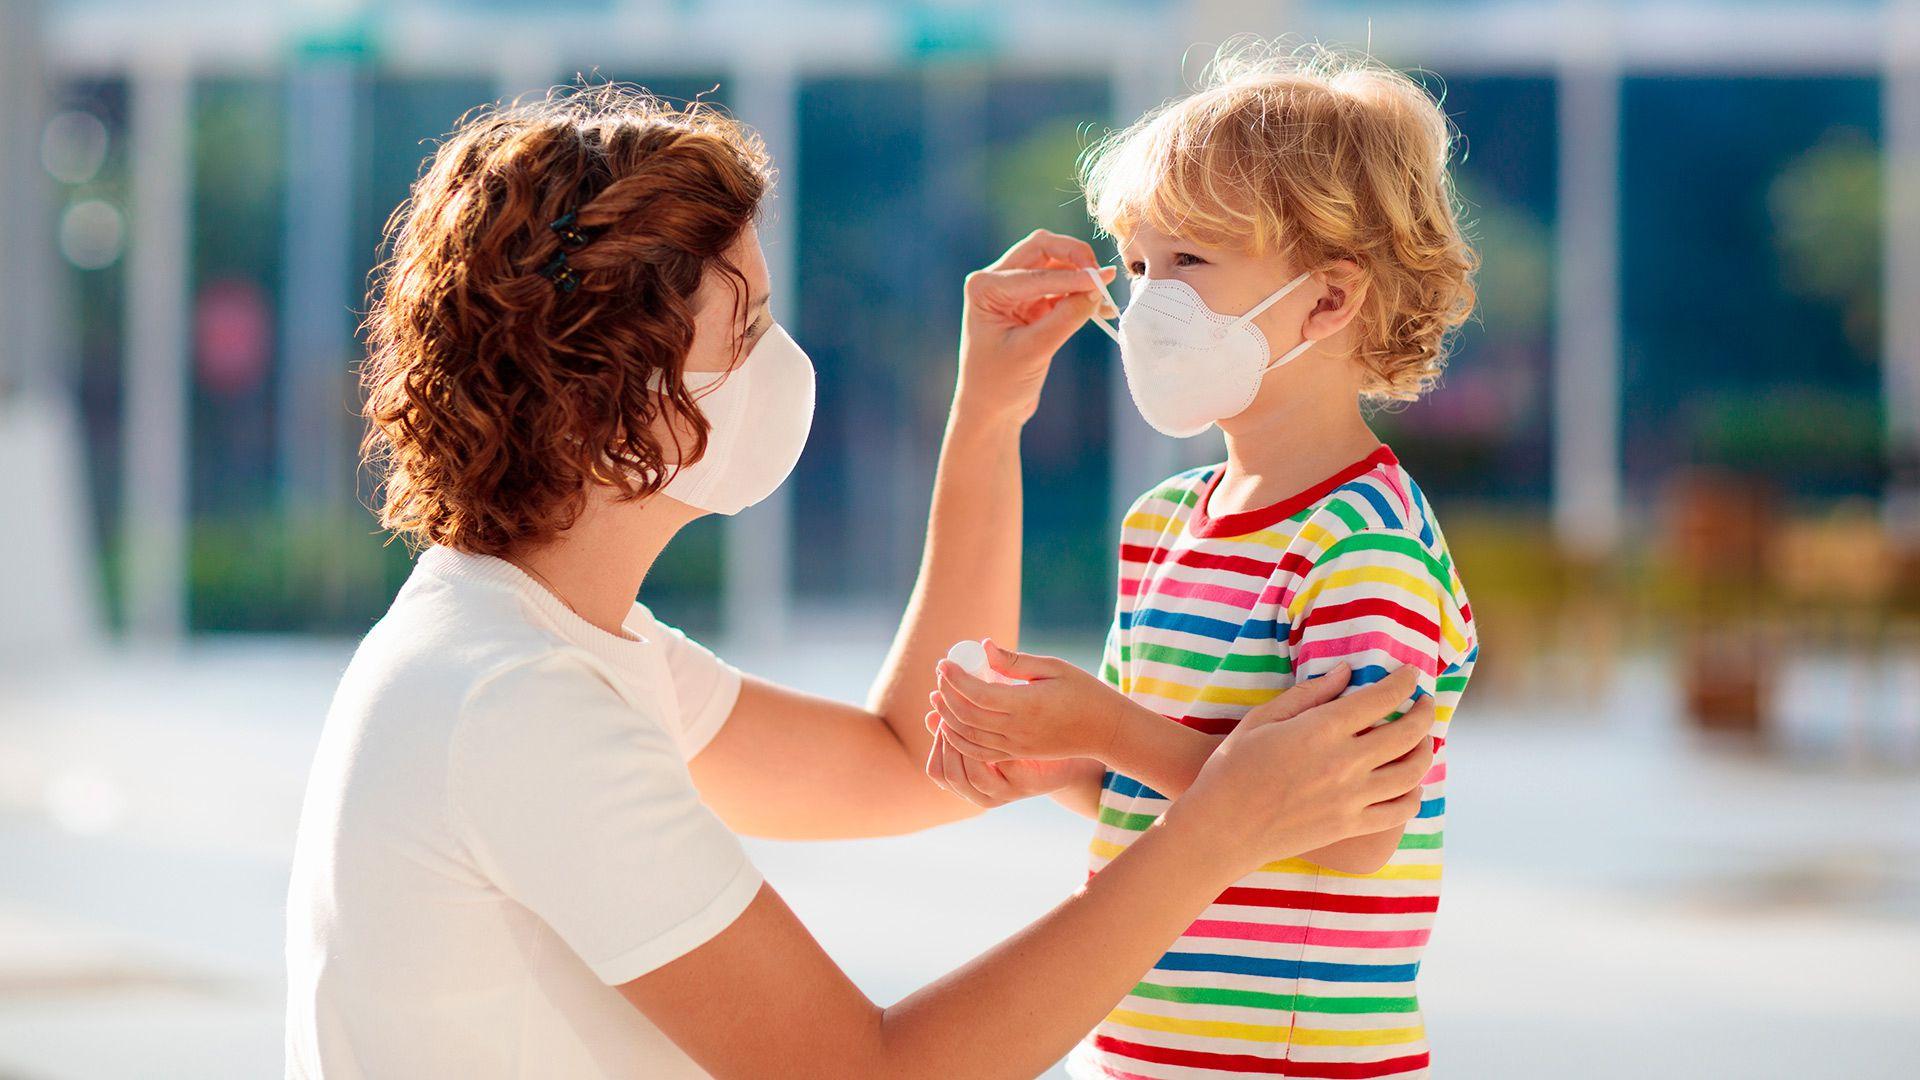 Las escuelas permanecerán cerradas debido a la cuarentena por el Coronavirus por lo que los padres pasarán más tiempo con sus hijos   (Foto: Shutterstock)